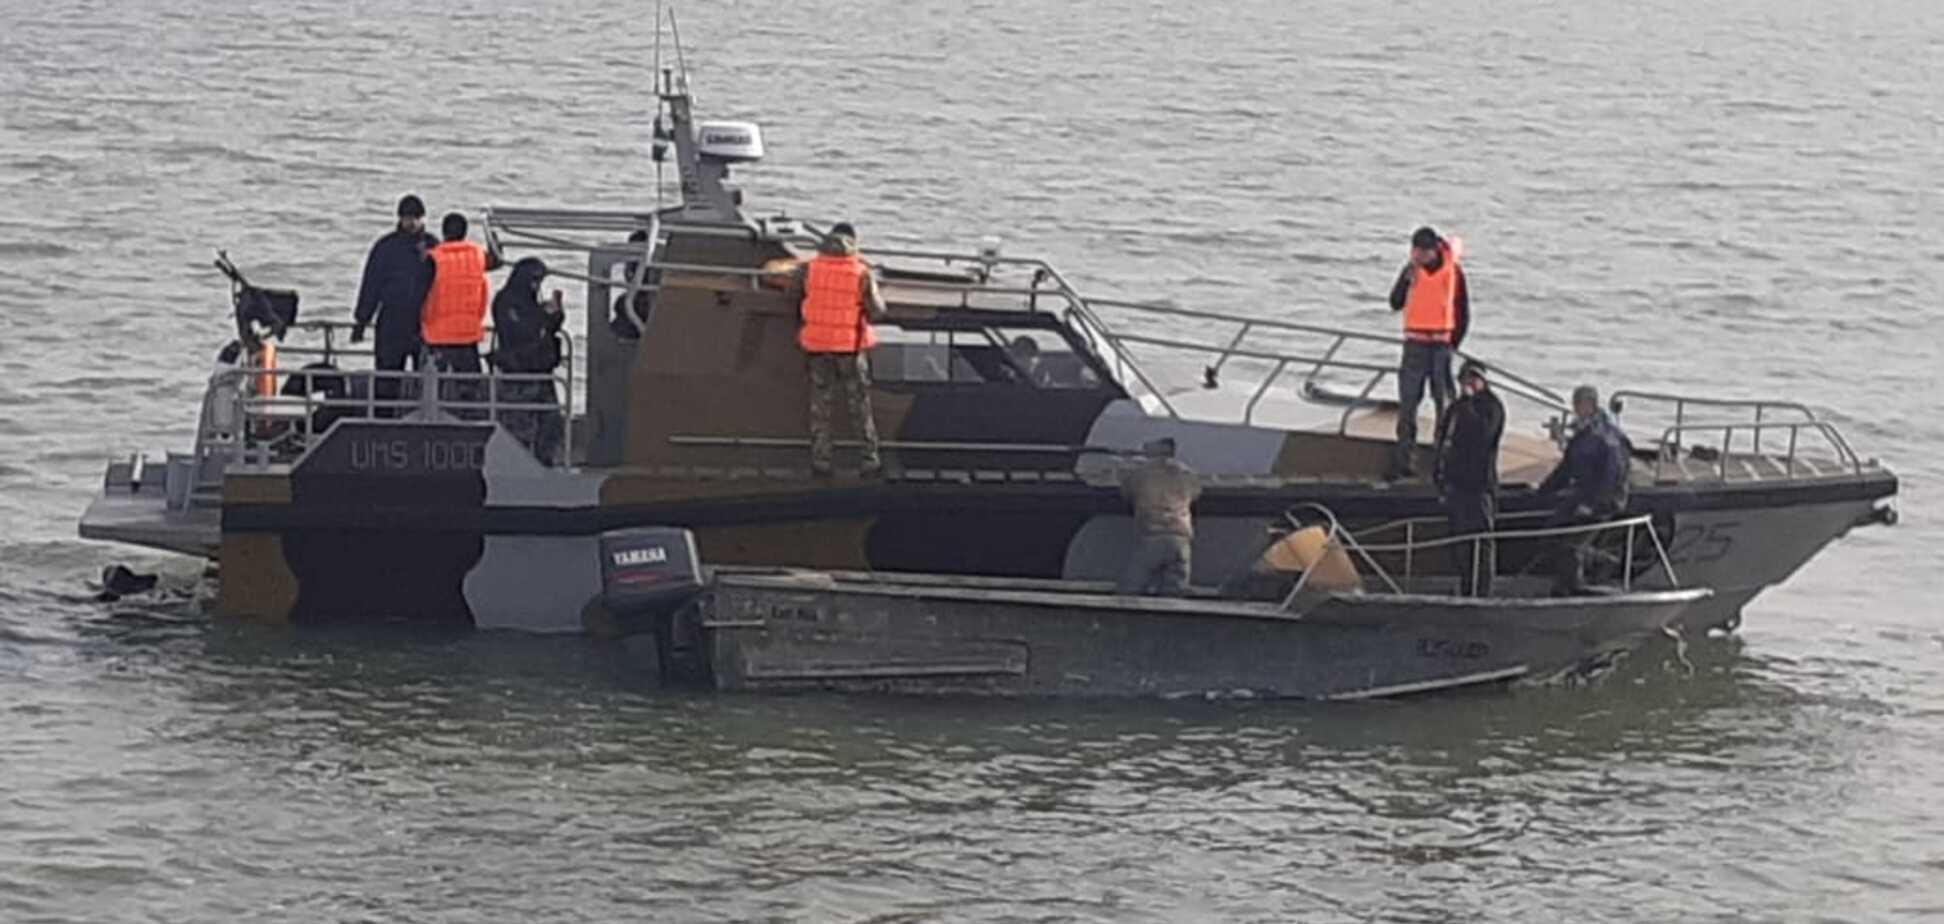 Задержанные Россией рыбаки вернулись в Украину. Фото и видео